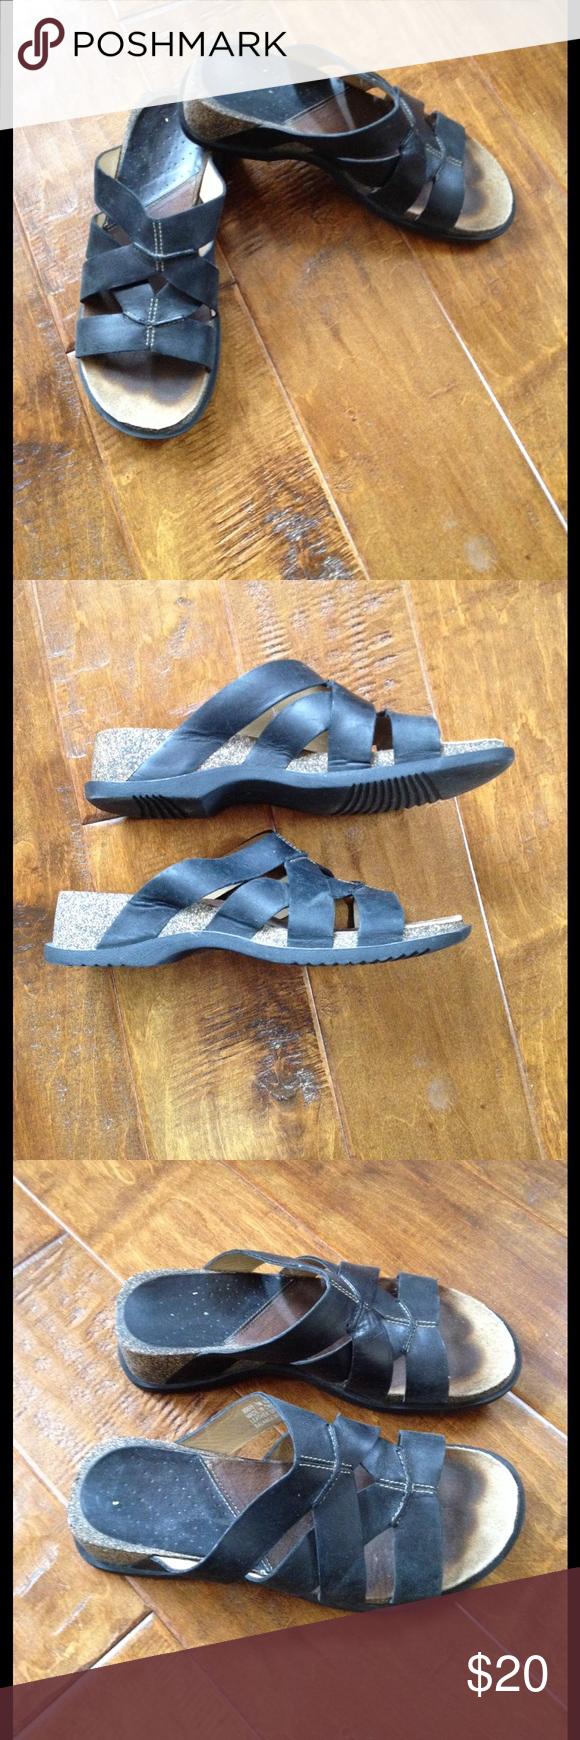 Clark's Black Leather Shoes Slides Sandals 7 Super comfortable. Quality Clark's sandals. Size 7. Clark's Shoes Sandals